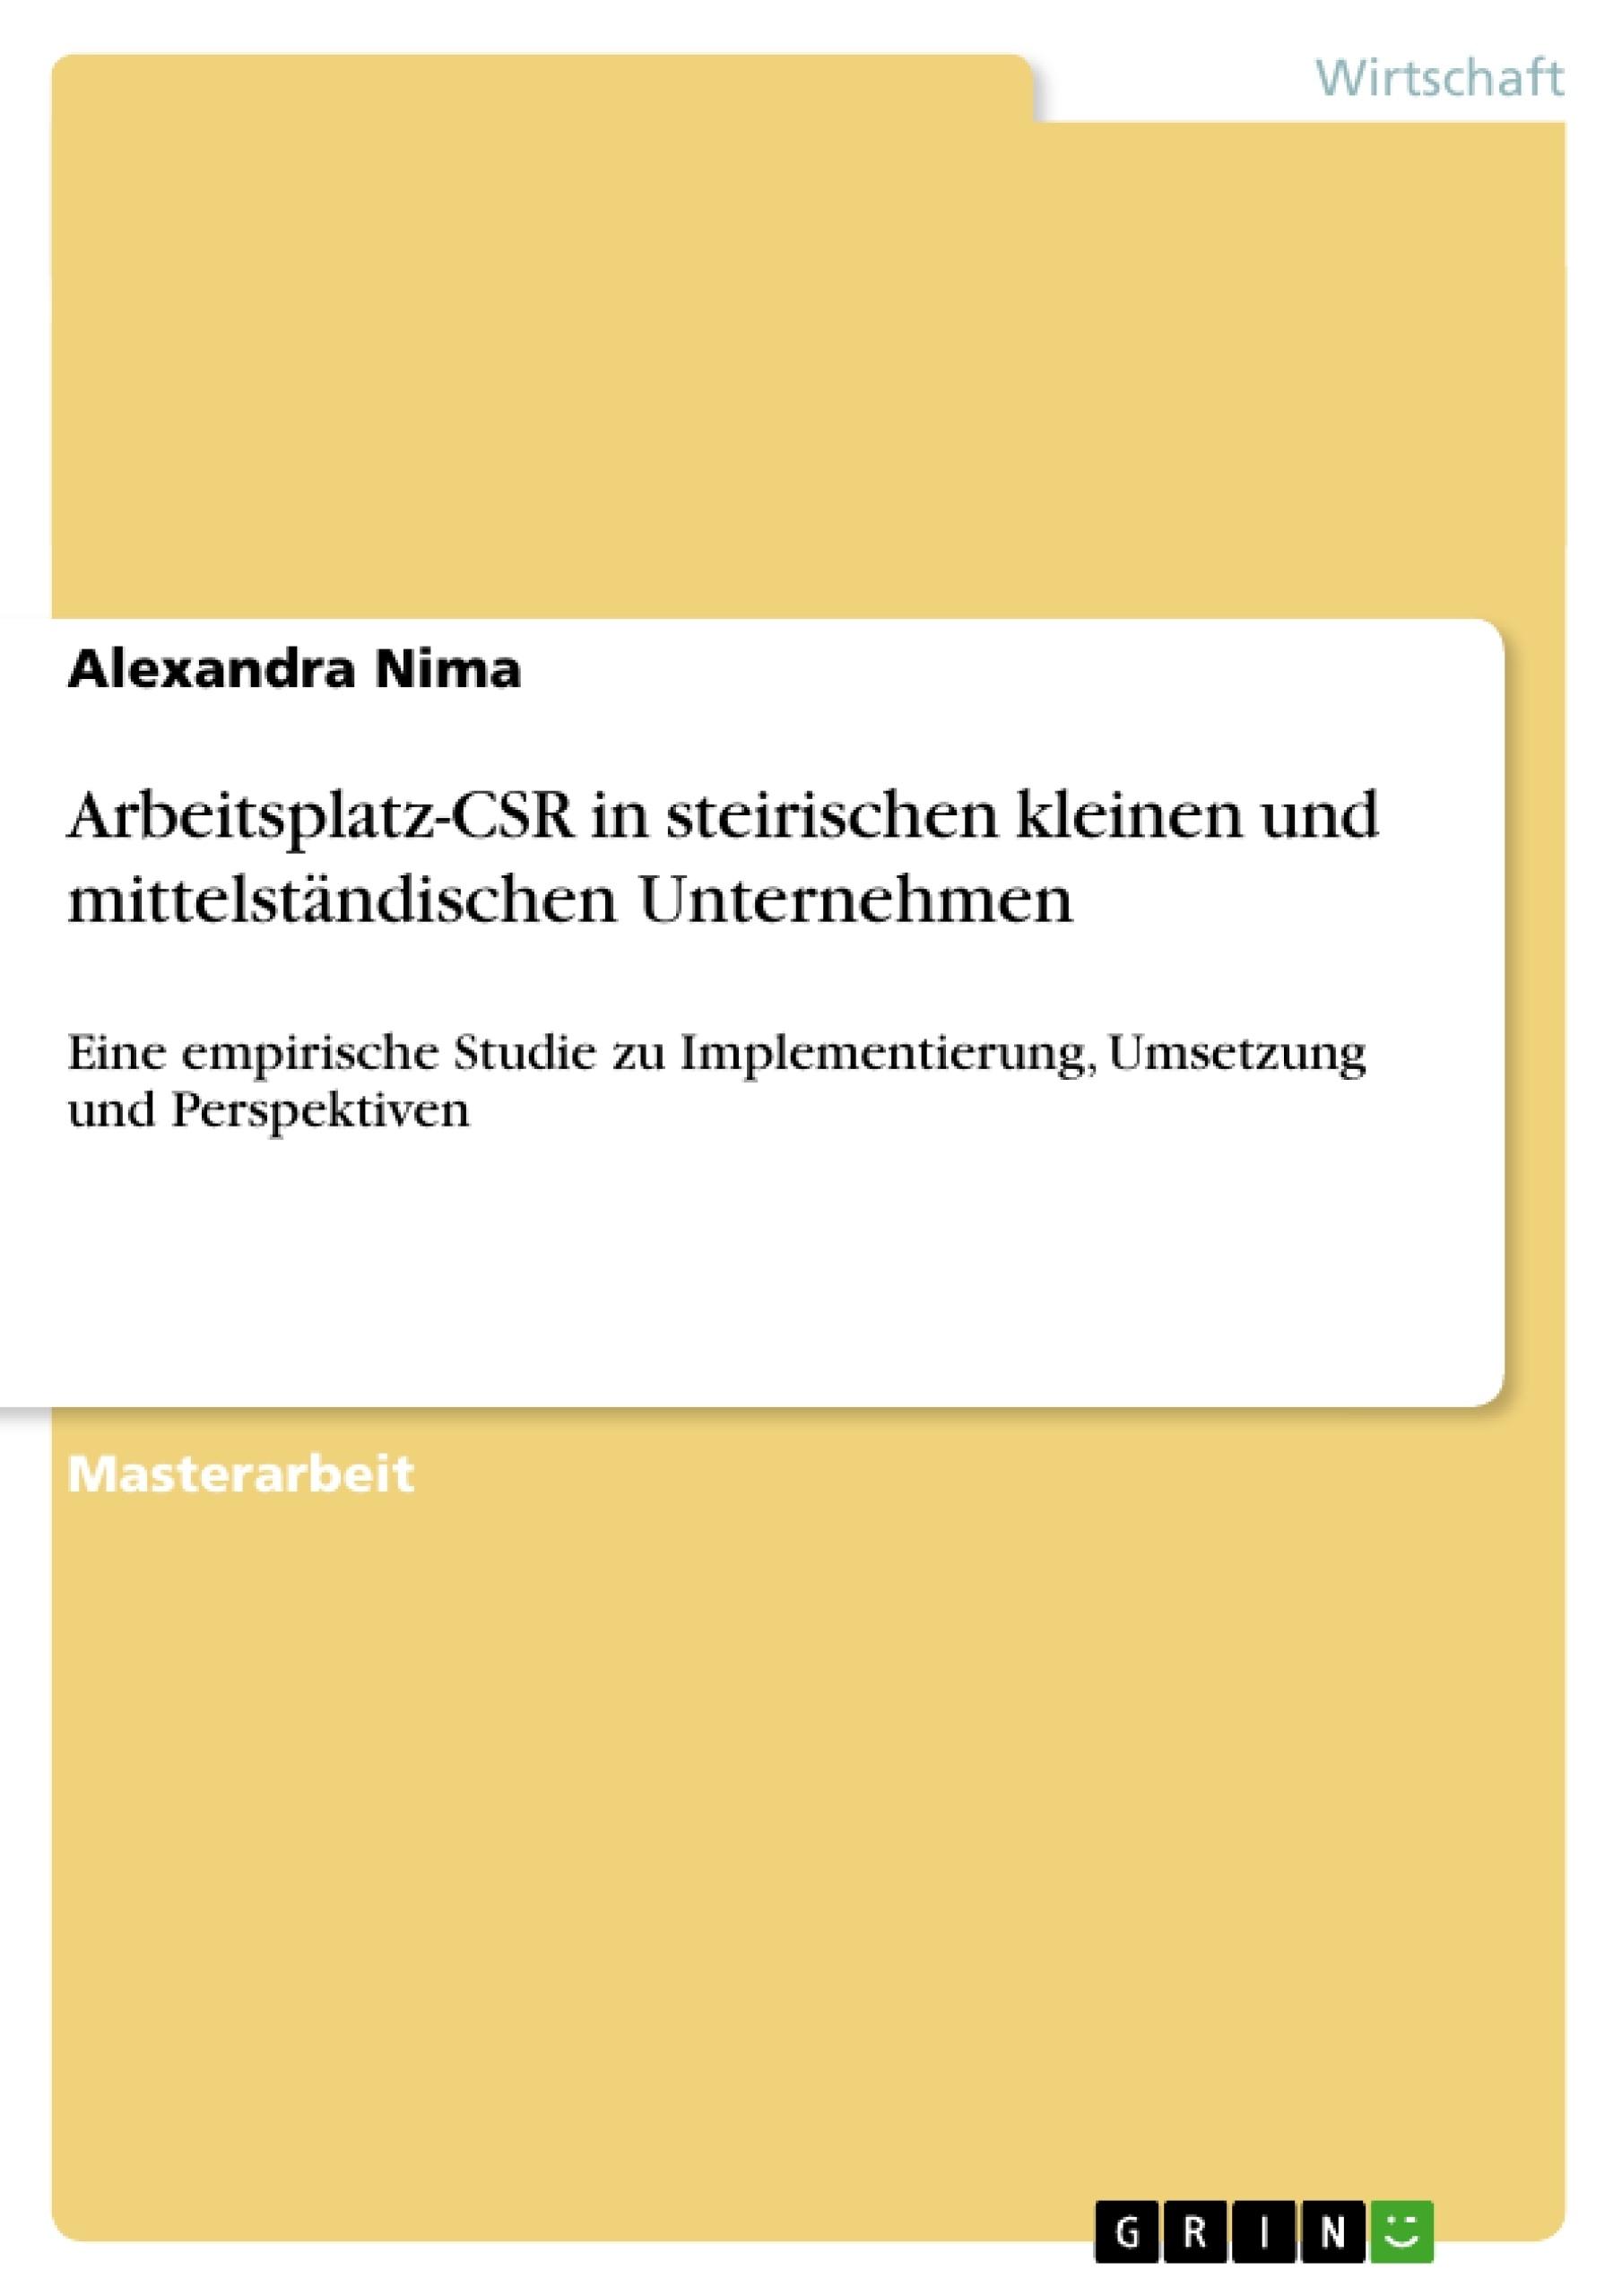 Titel: Arbeitsplatz-CSR in steirischen kleinen und mittelständischen Unternehmen